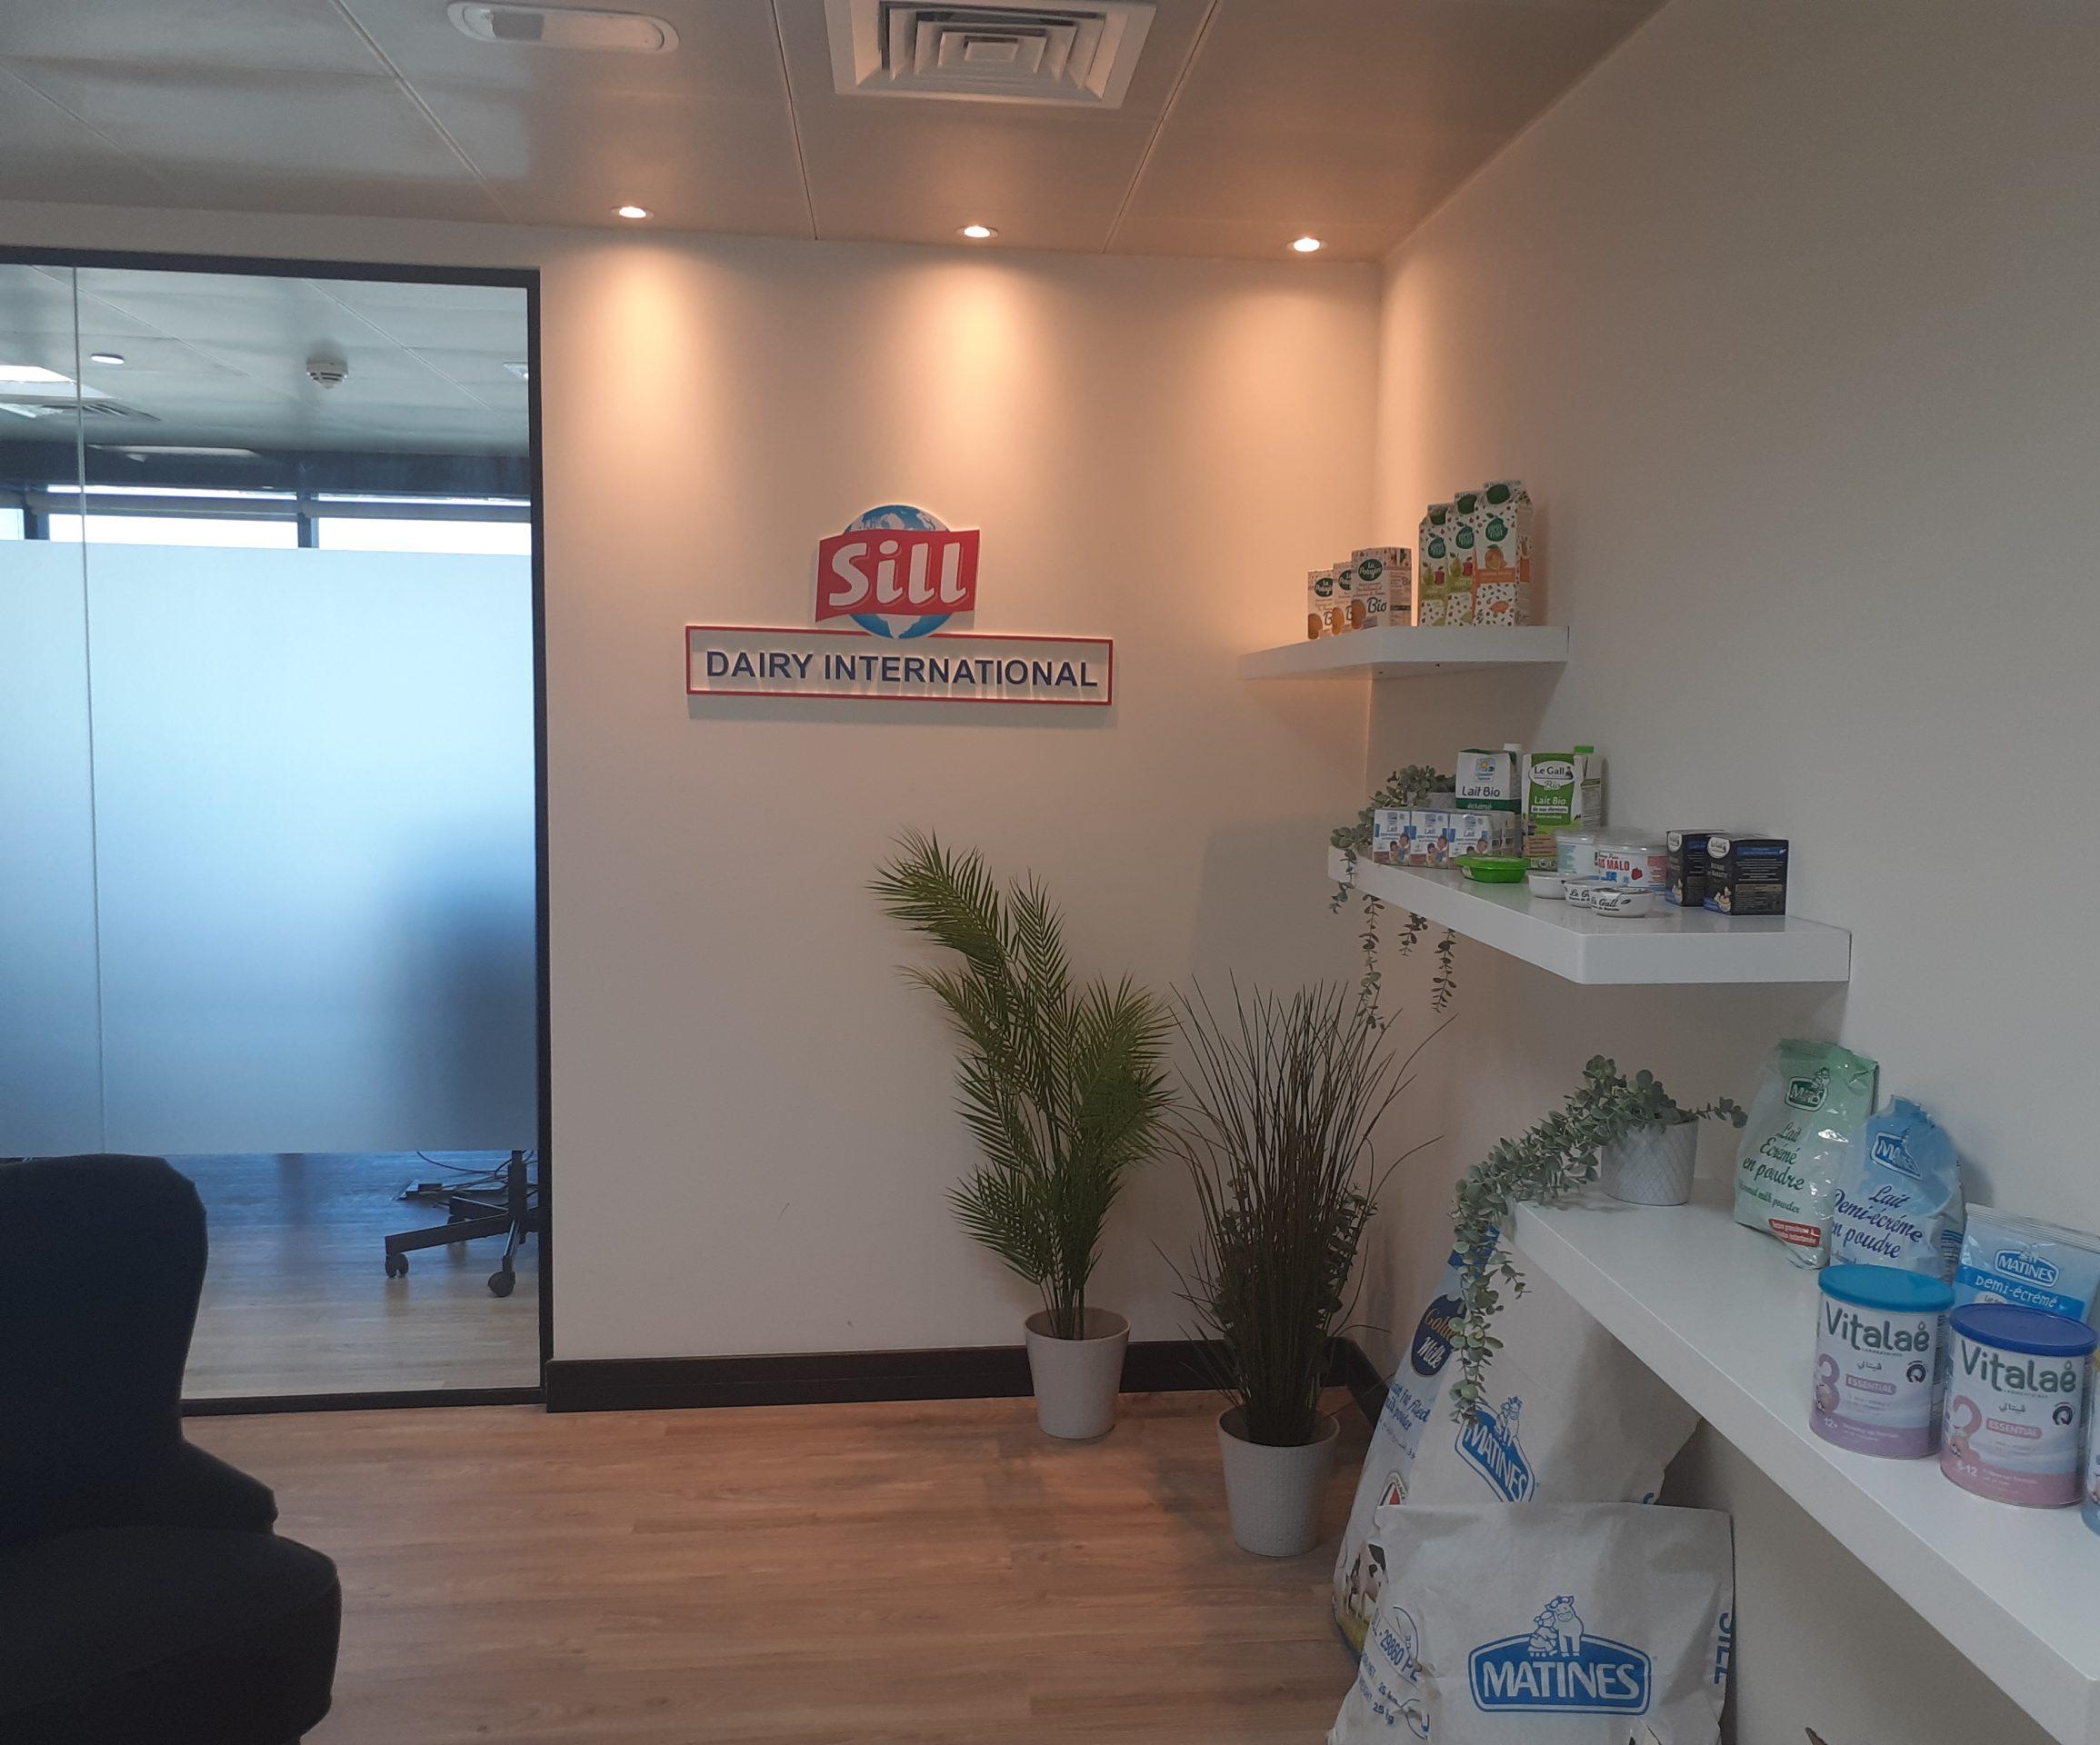 SILL Dairy International ouvre un bureau commercial à Dubaï